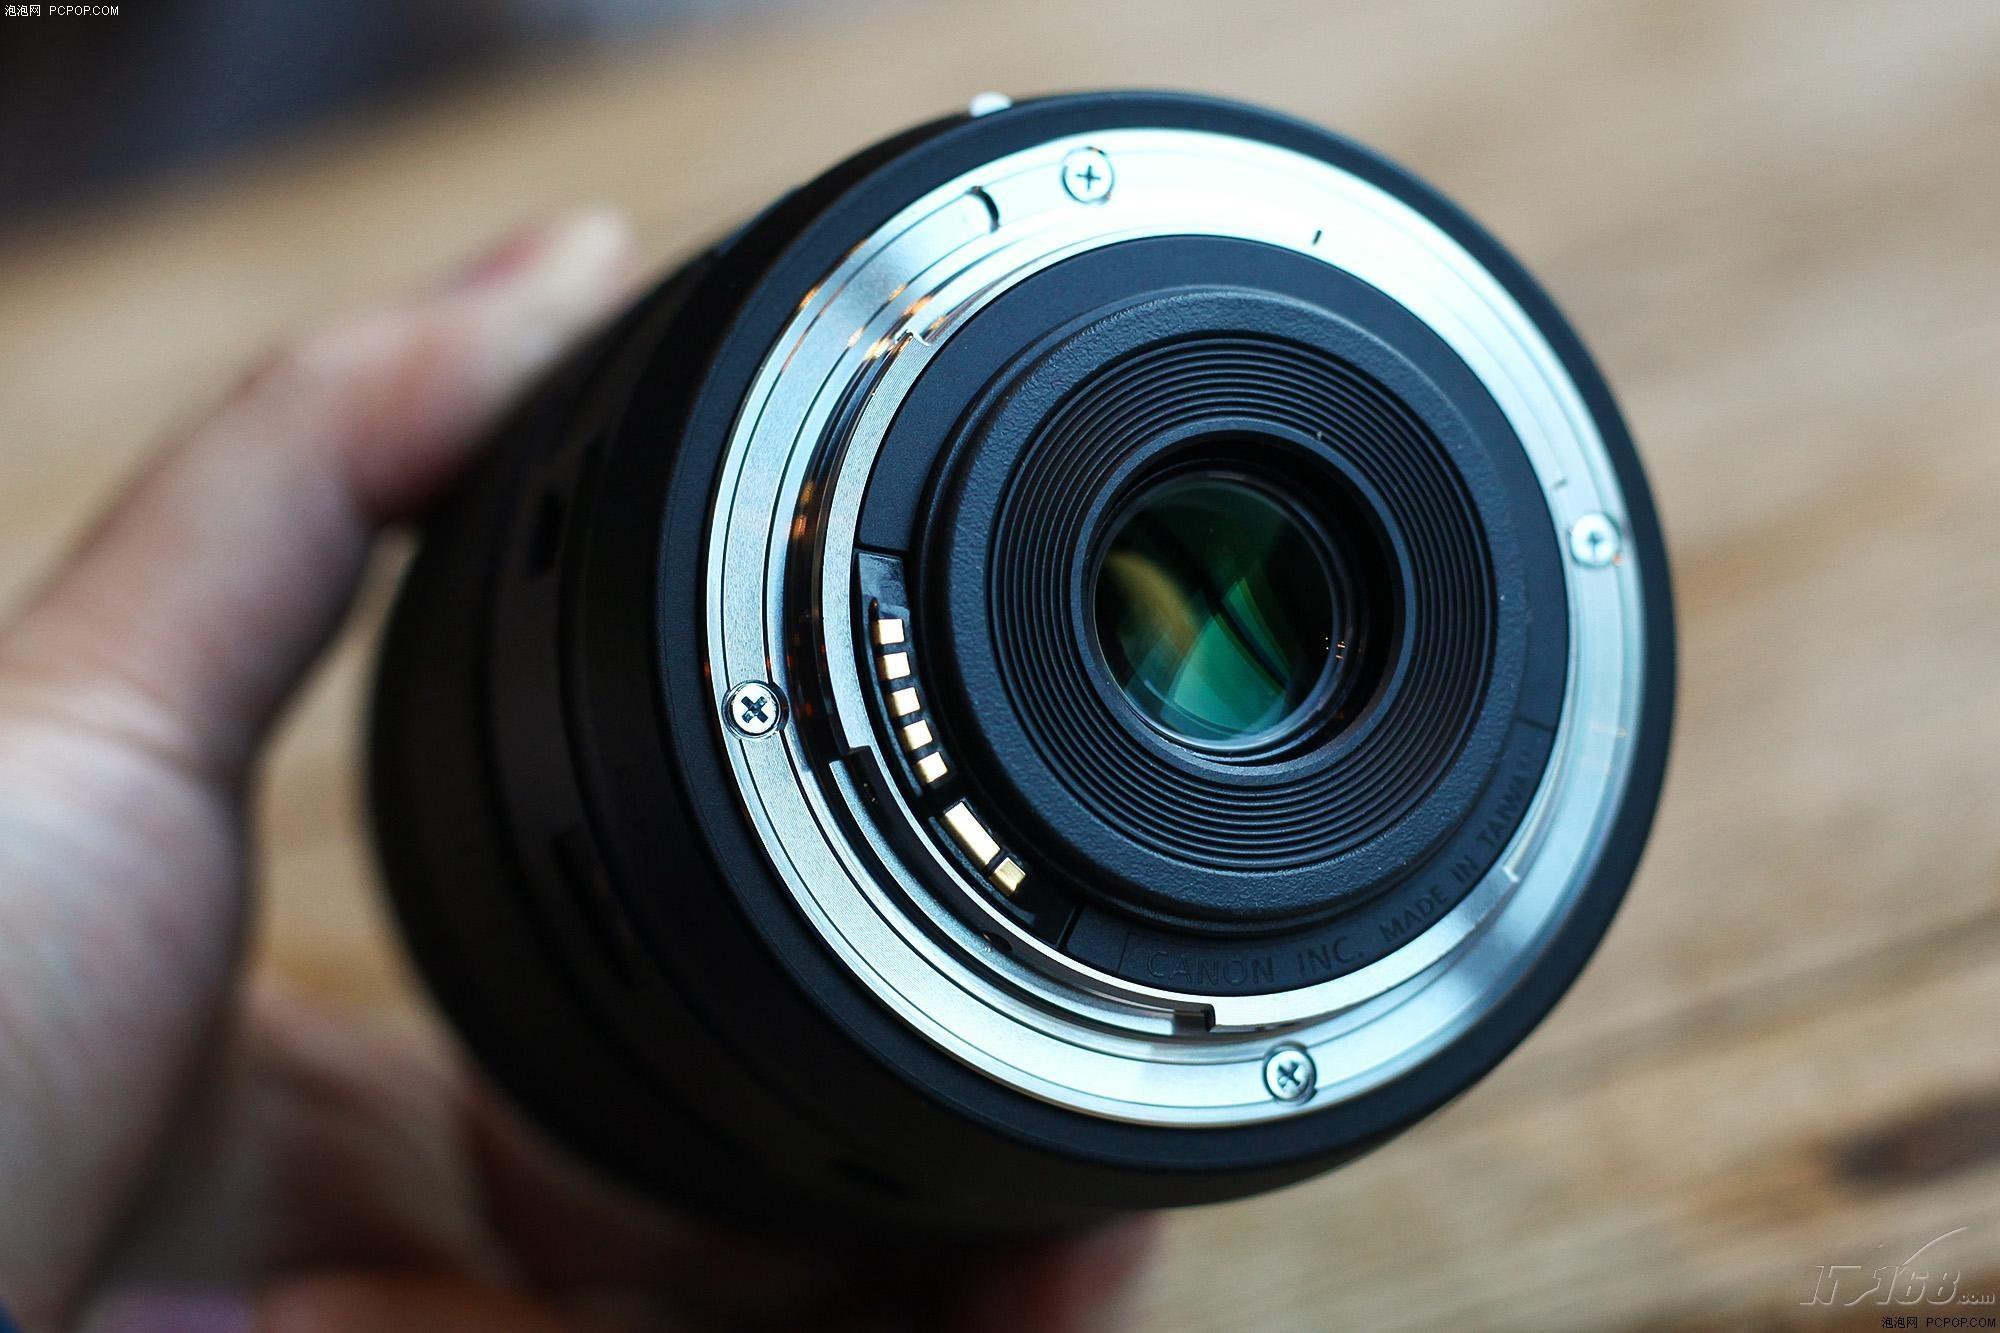 佳能eos 80d 机身镜头图片5素材-it168数码相机图片